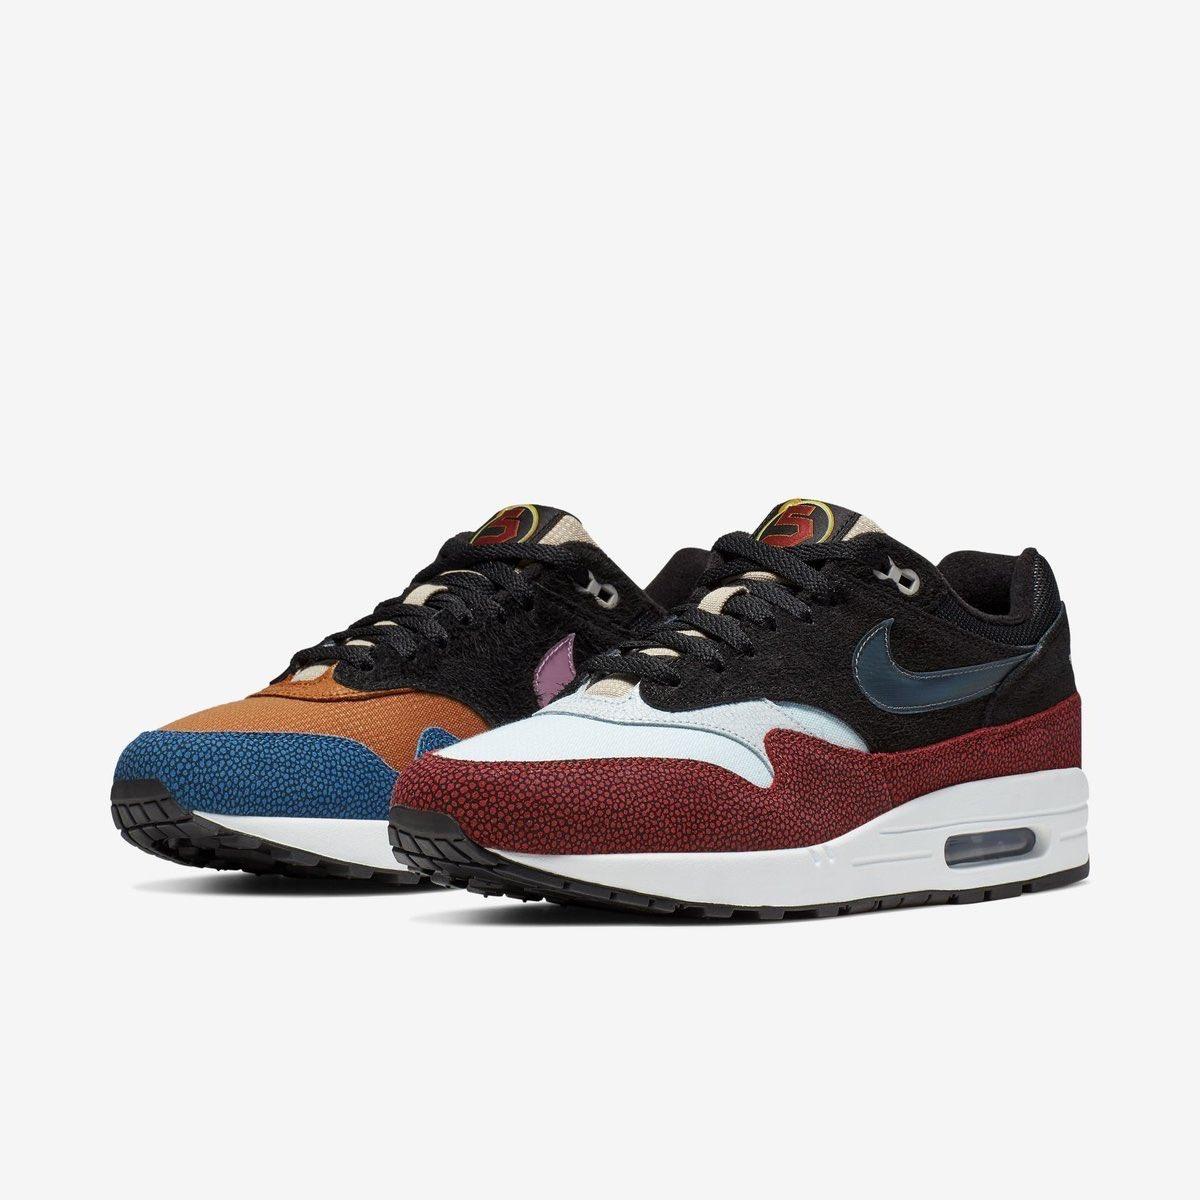 461cf5a218c76 Nike